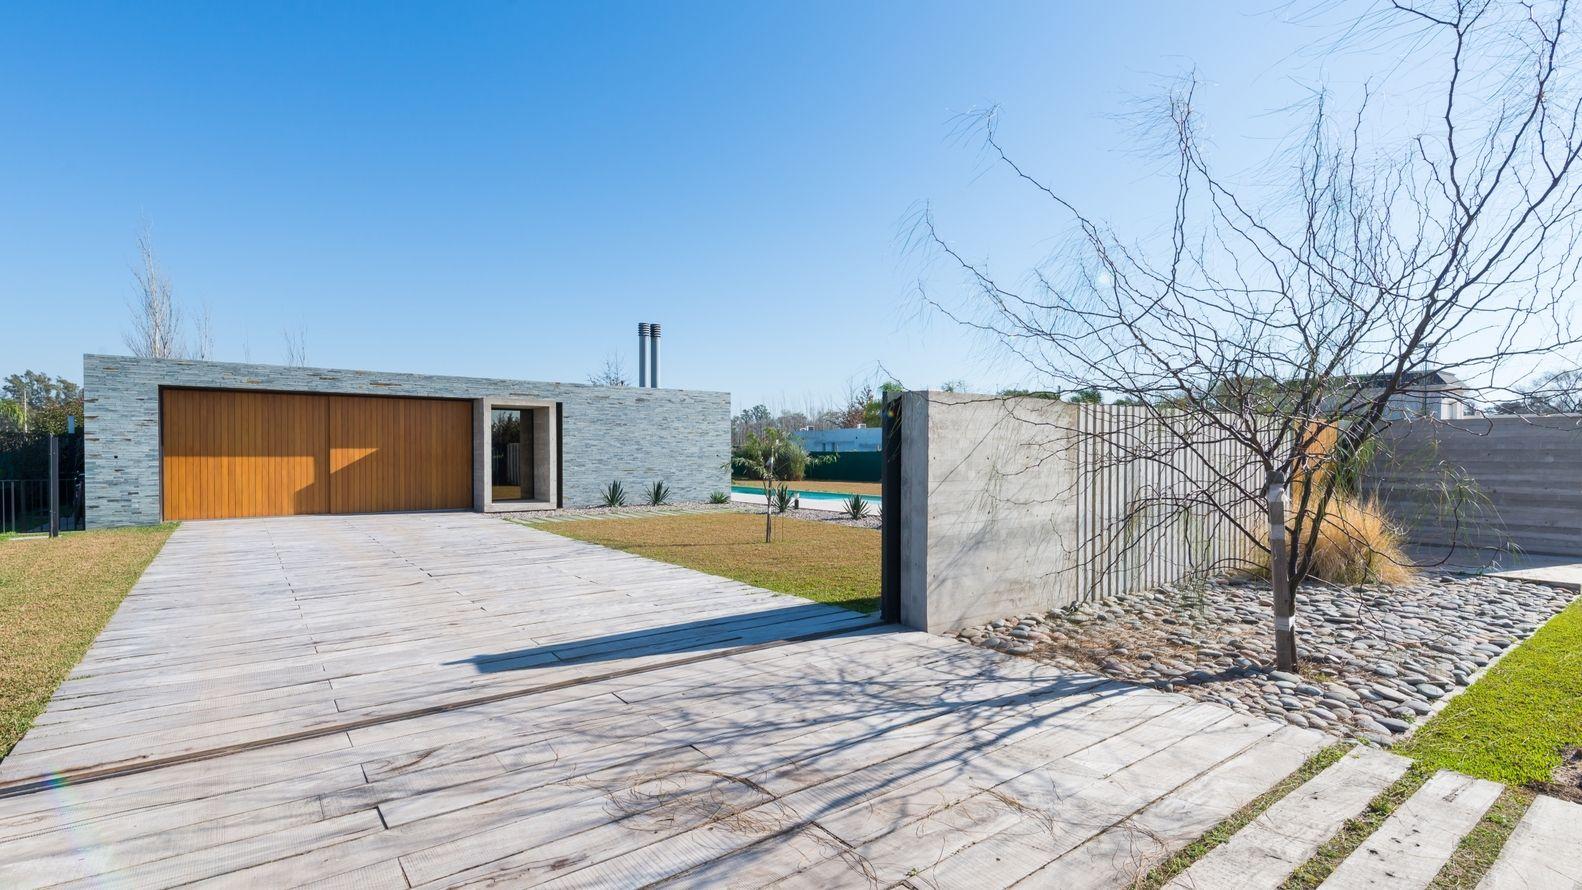 Galería de Casa Prisma / Roberto Benito - 1 | Rejas, Casas y Fachadas